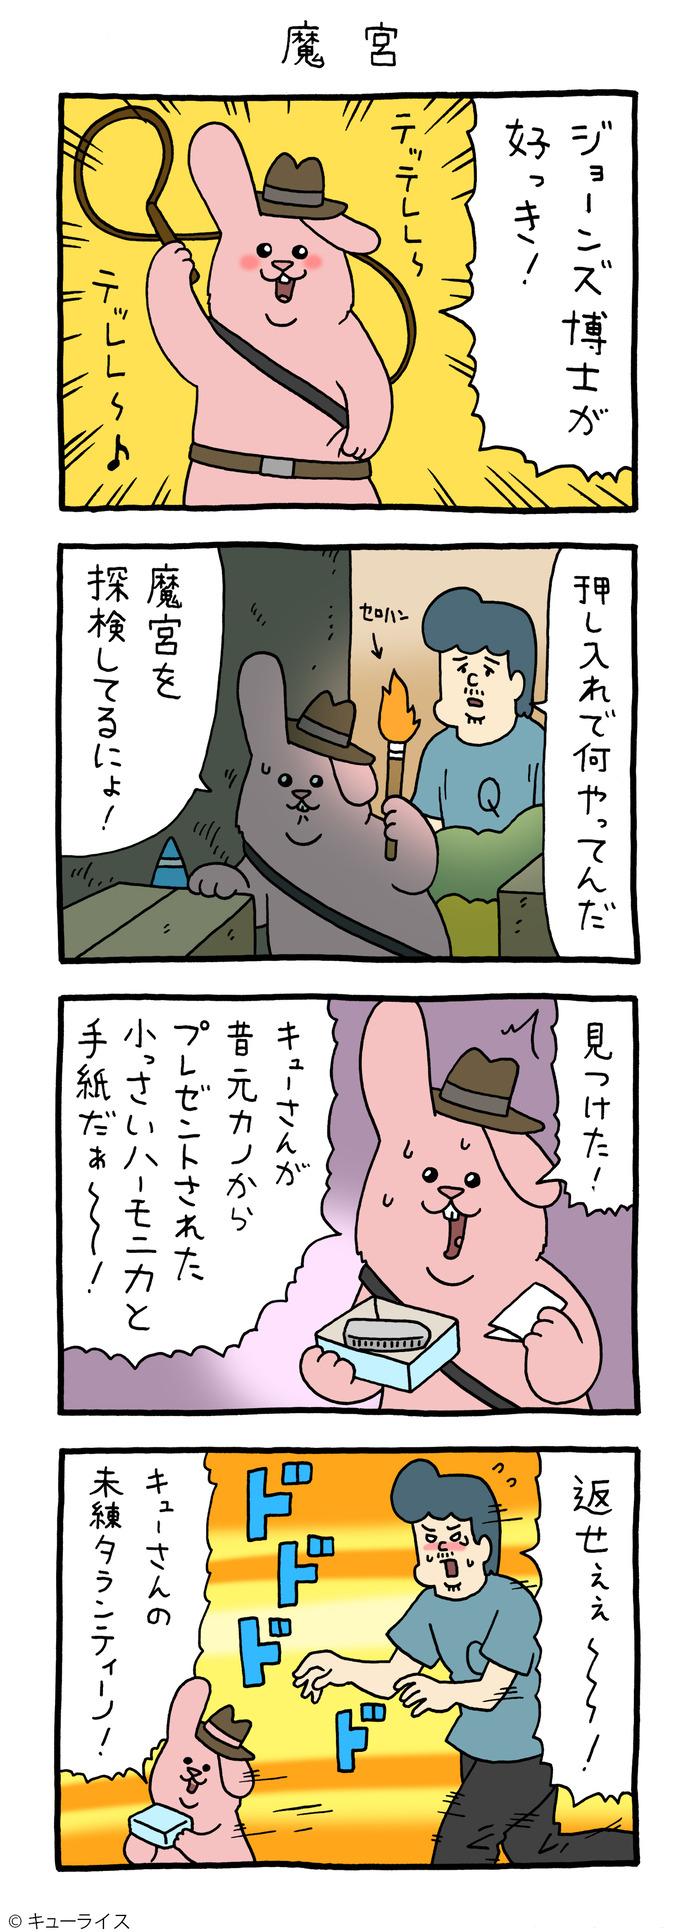 スキウサギ 魔宮 のコピー